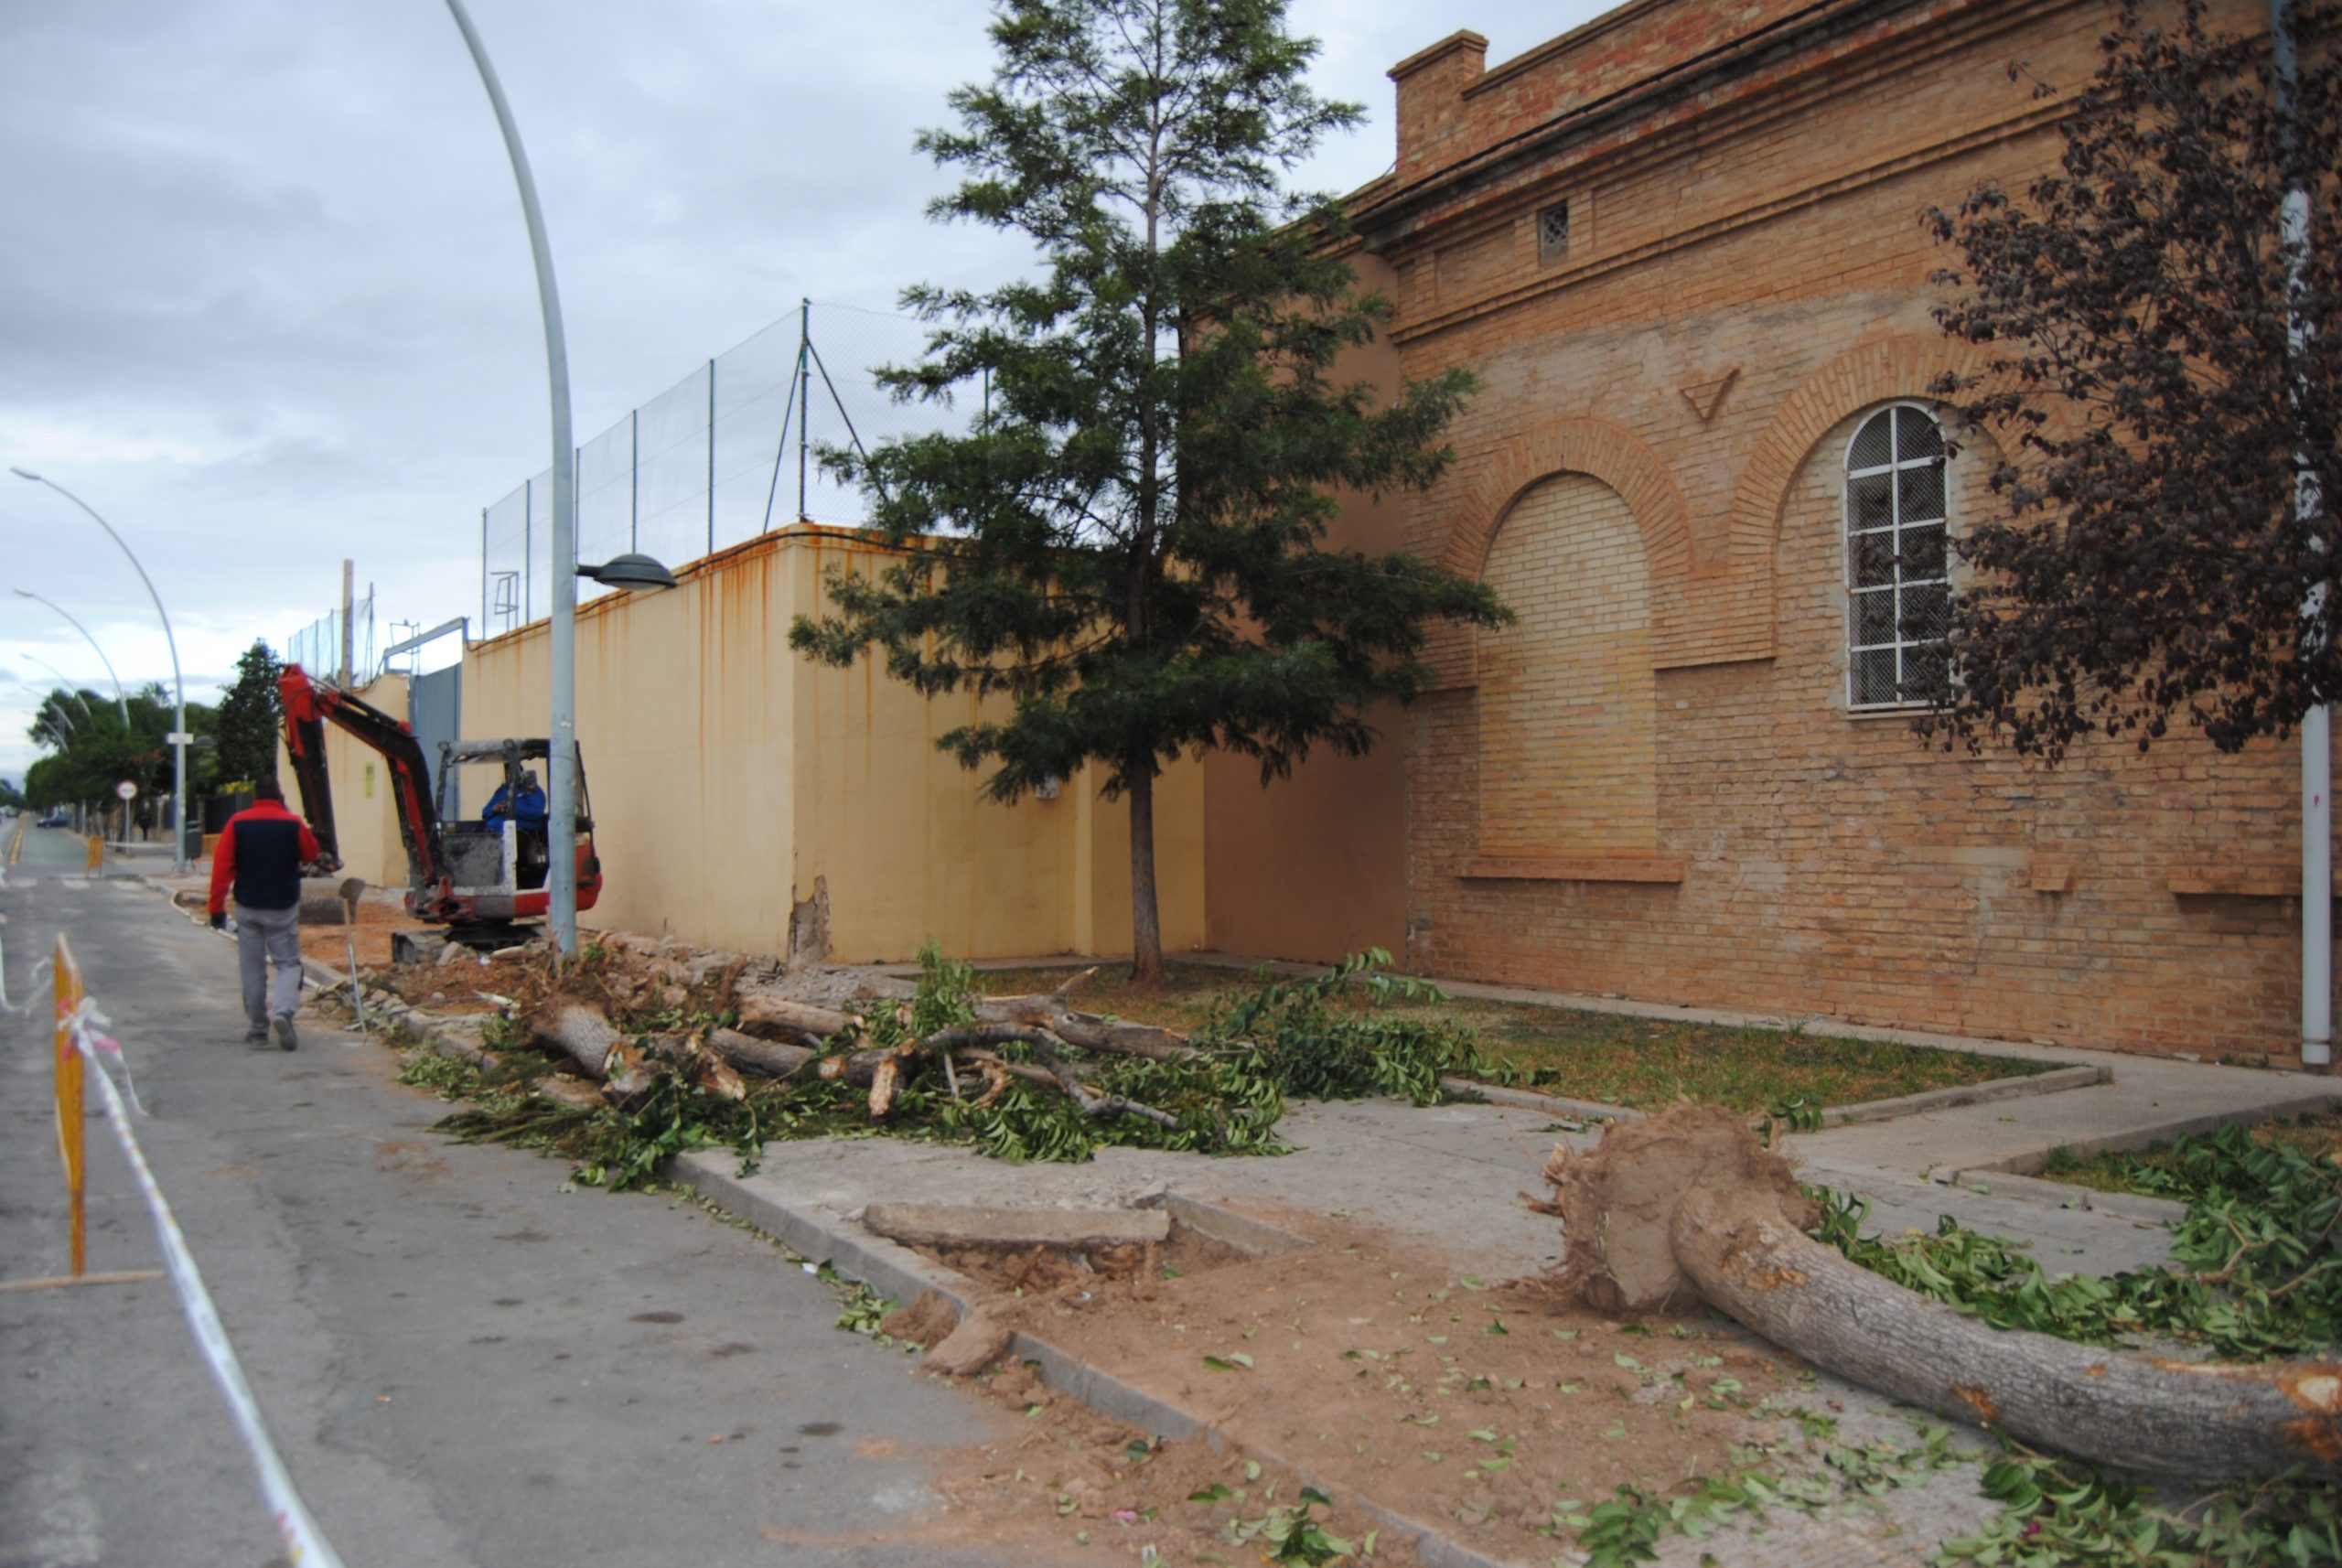 Acondicionan el entorno del colegio Virgen del Carmen de Vila-real